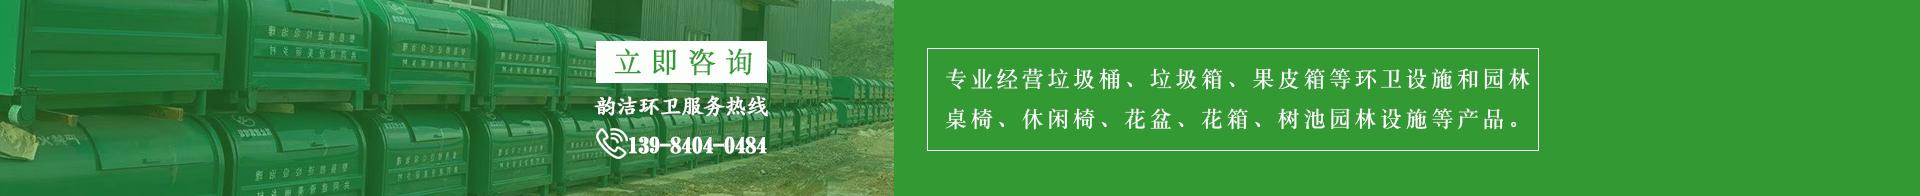 贵阳必威体育平台备用网址